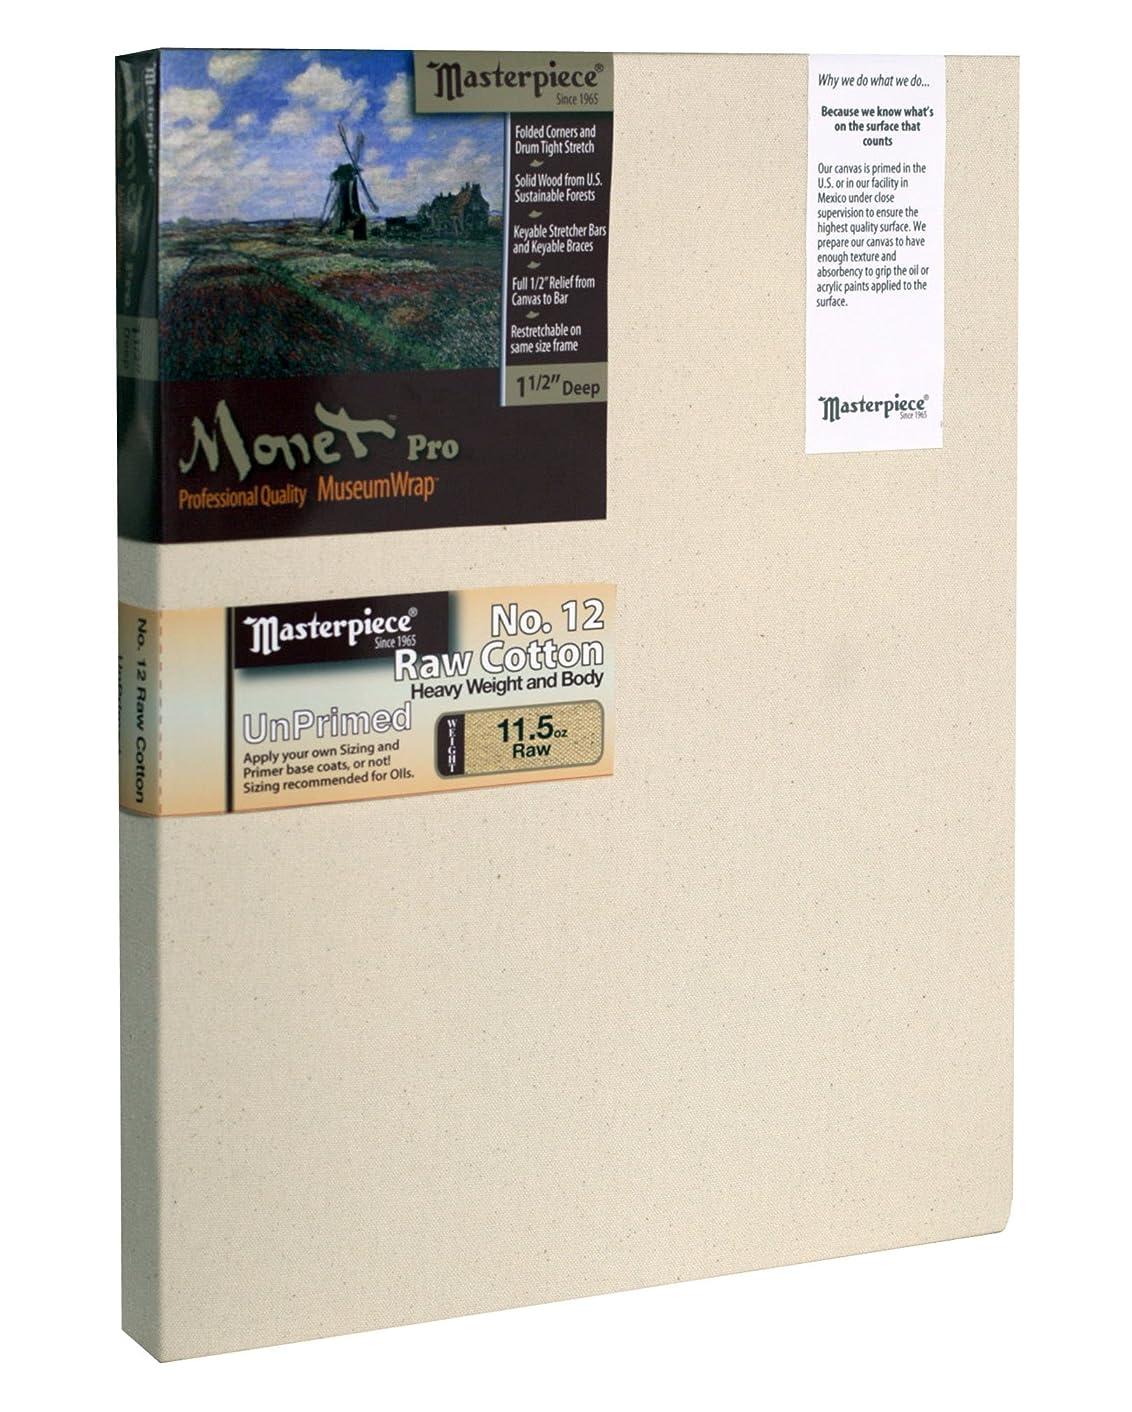 Masterpiece Artist Canvas 43764 Monet PRO 1-1/2